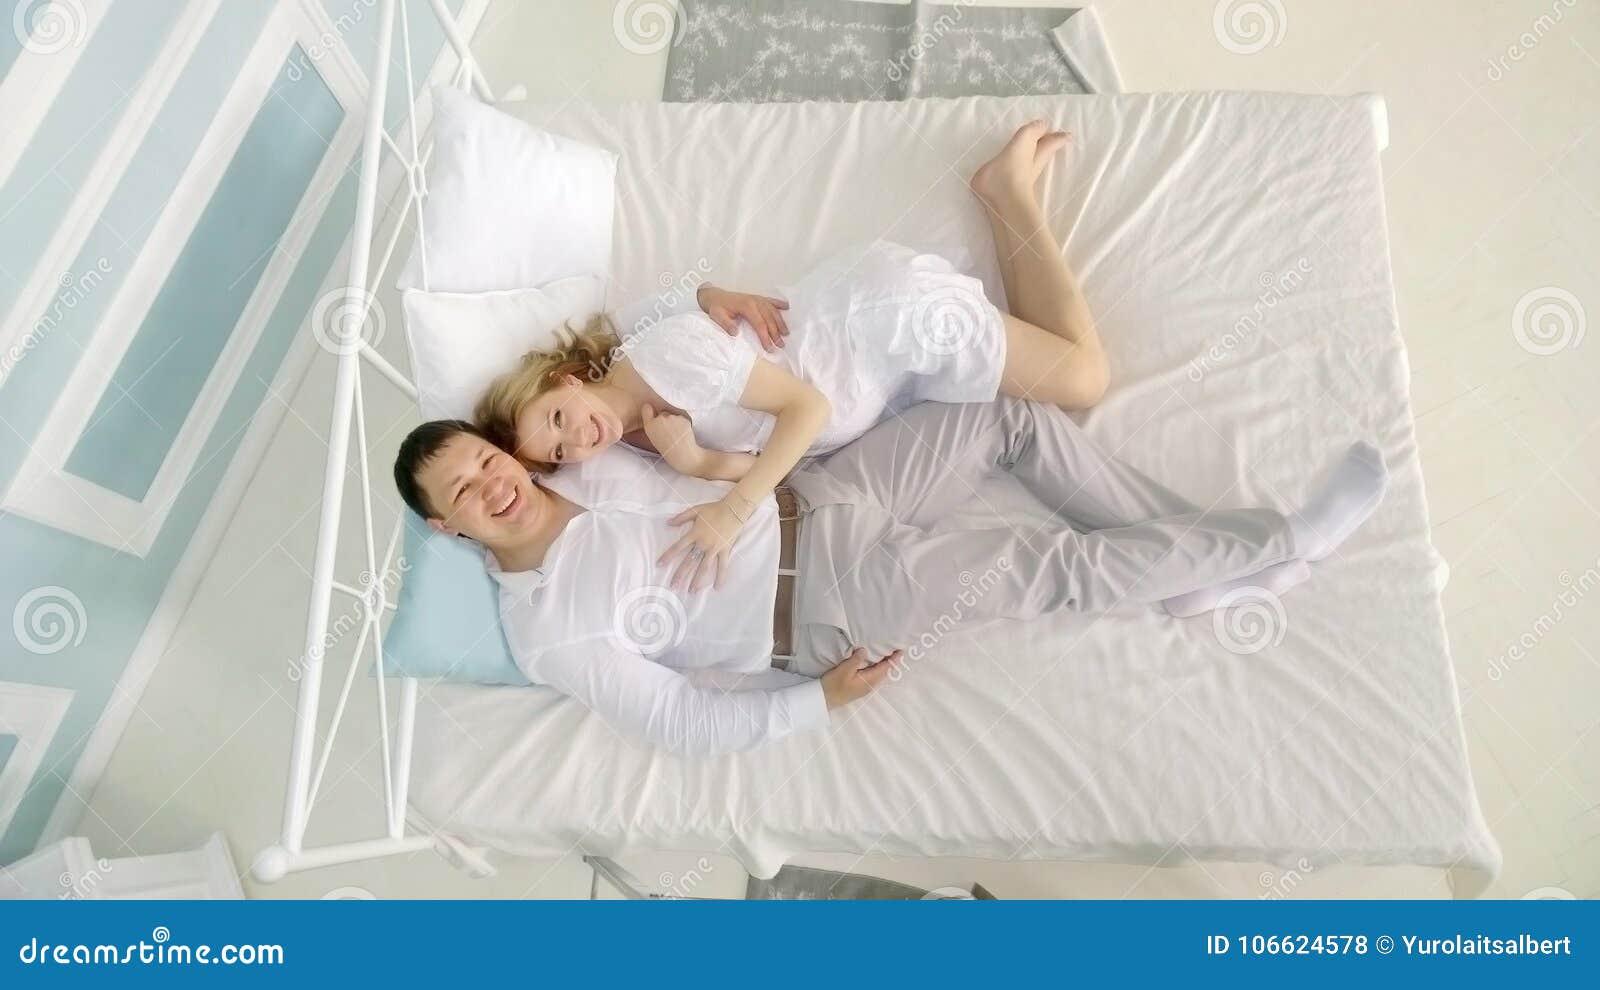 видео в спальне с женой красивые руки прекрасны